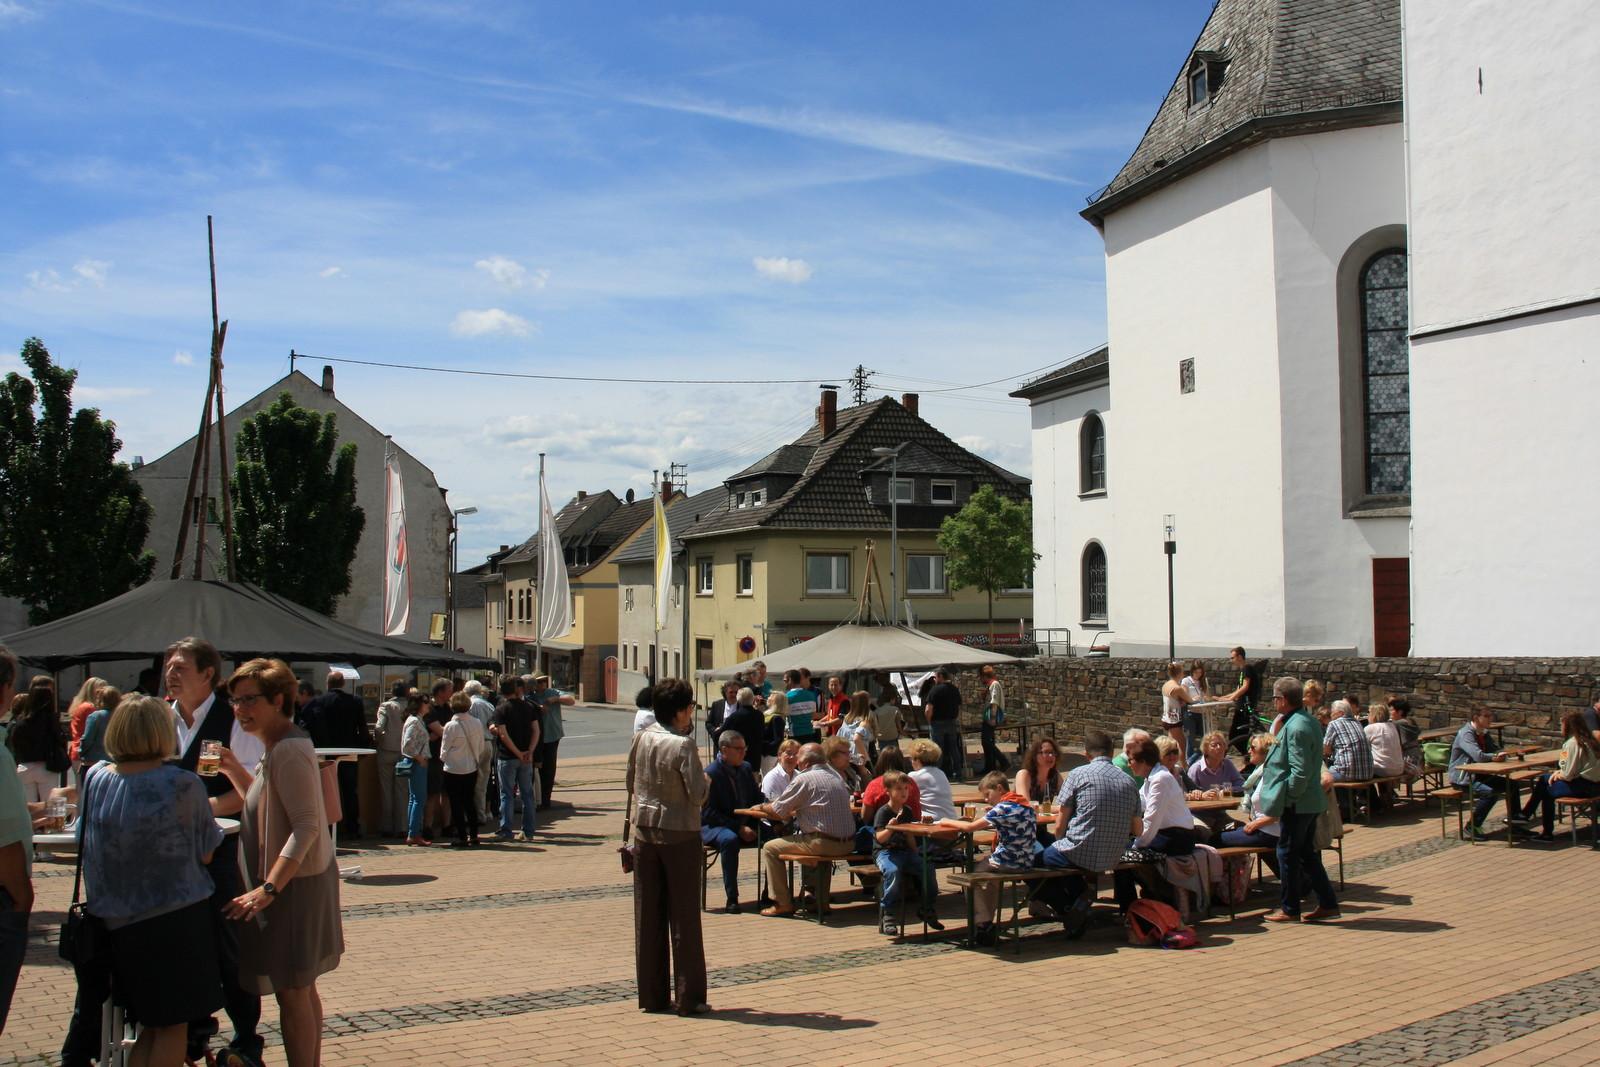 Marktplatzfest in Heimbach-Weis